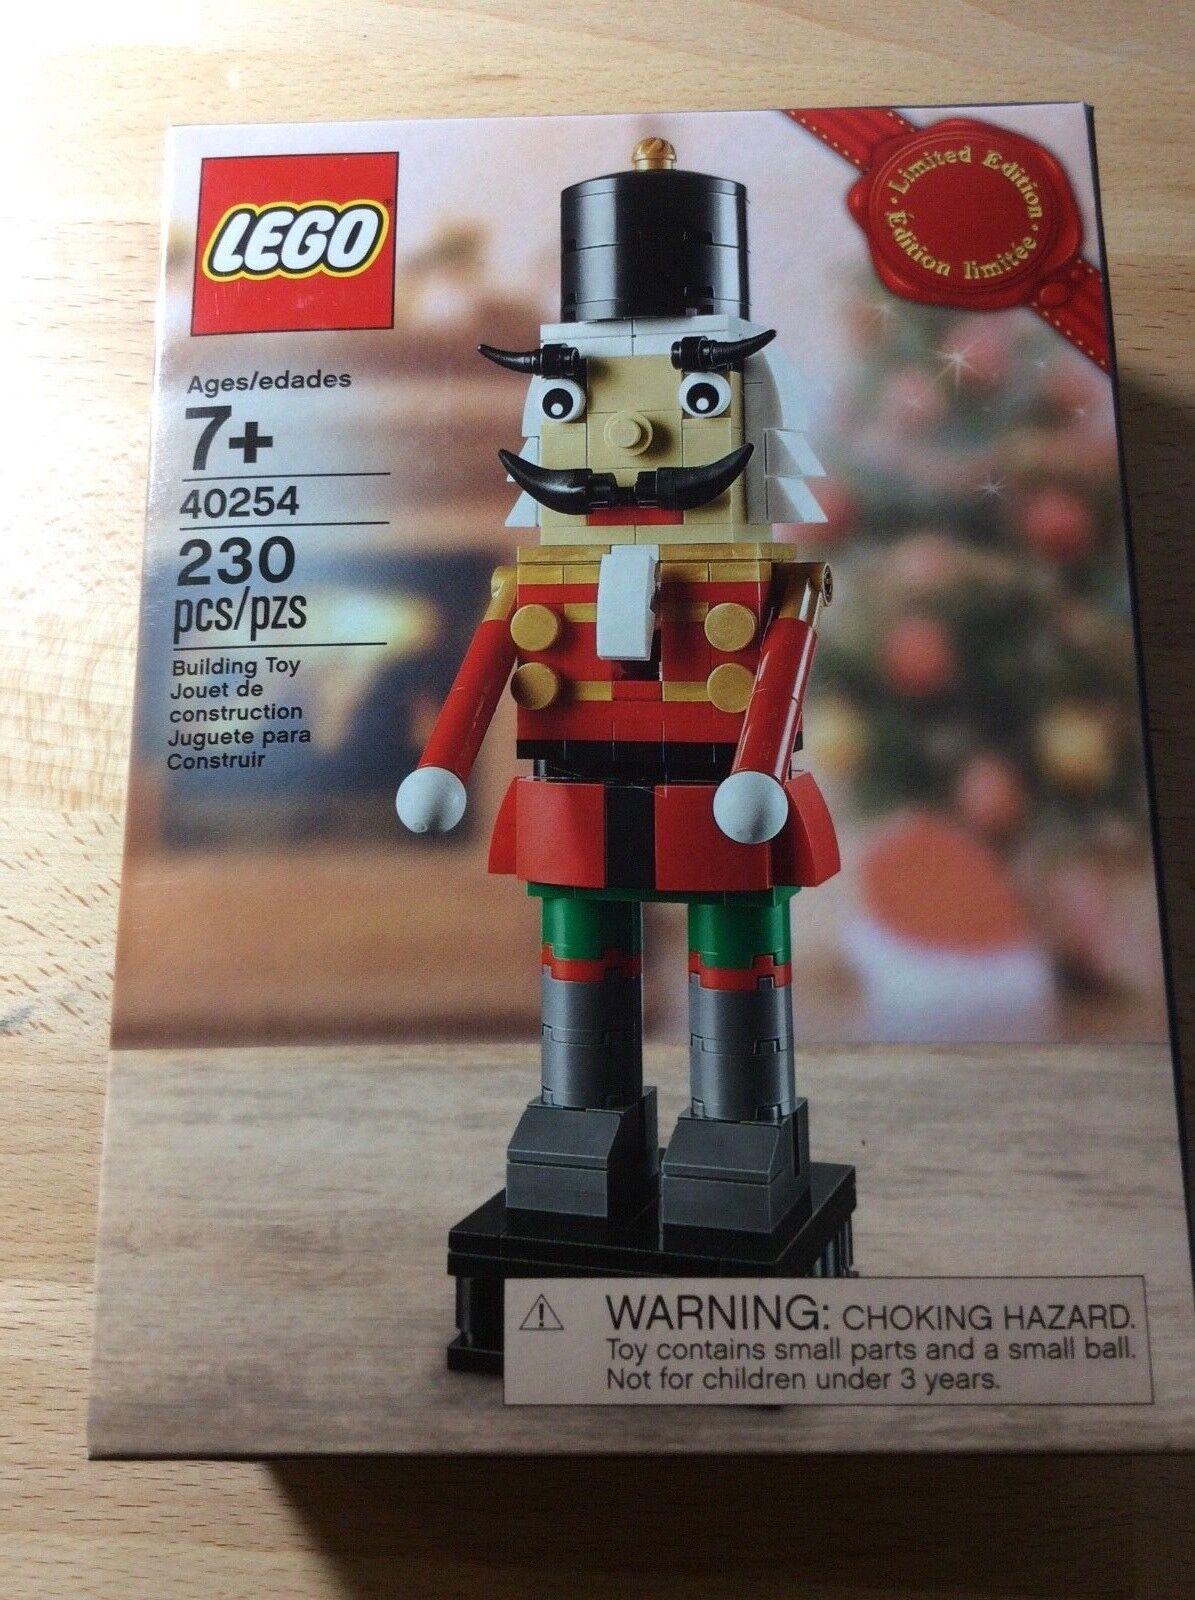 Lego 2017 vacances  édition limitée Casse-noisette Holiday Noël 40254 230 pieces  prix raisonnable